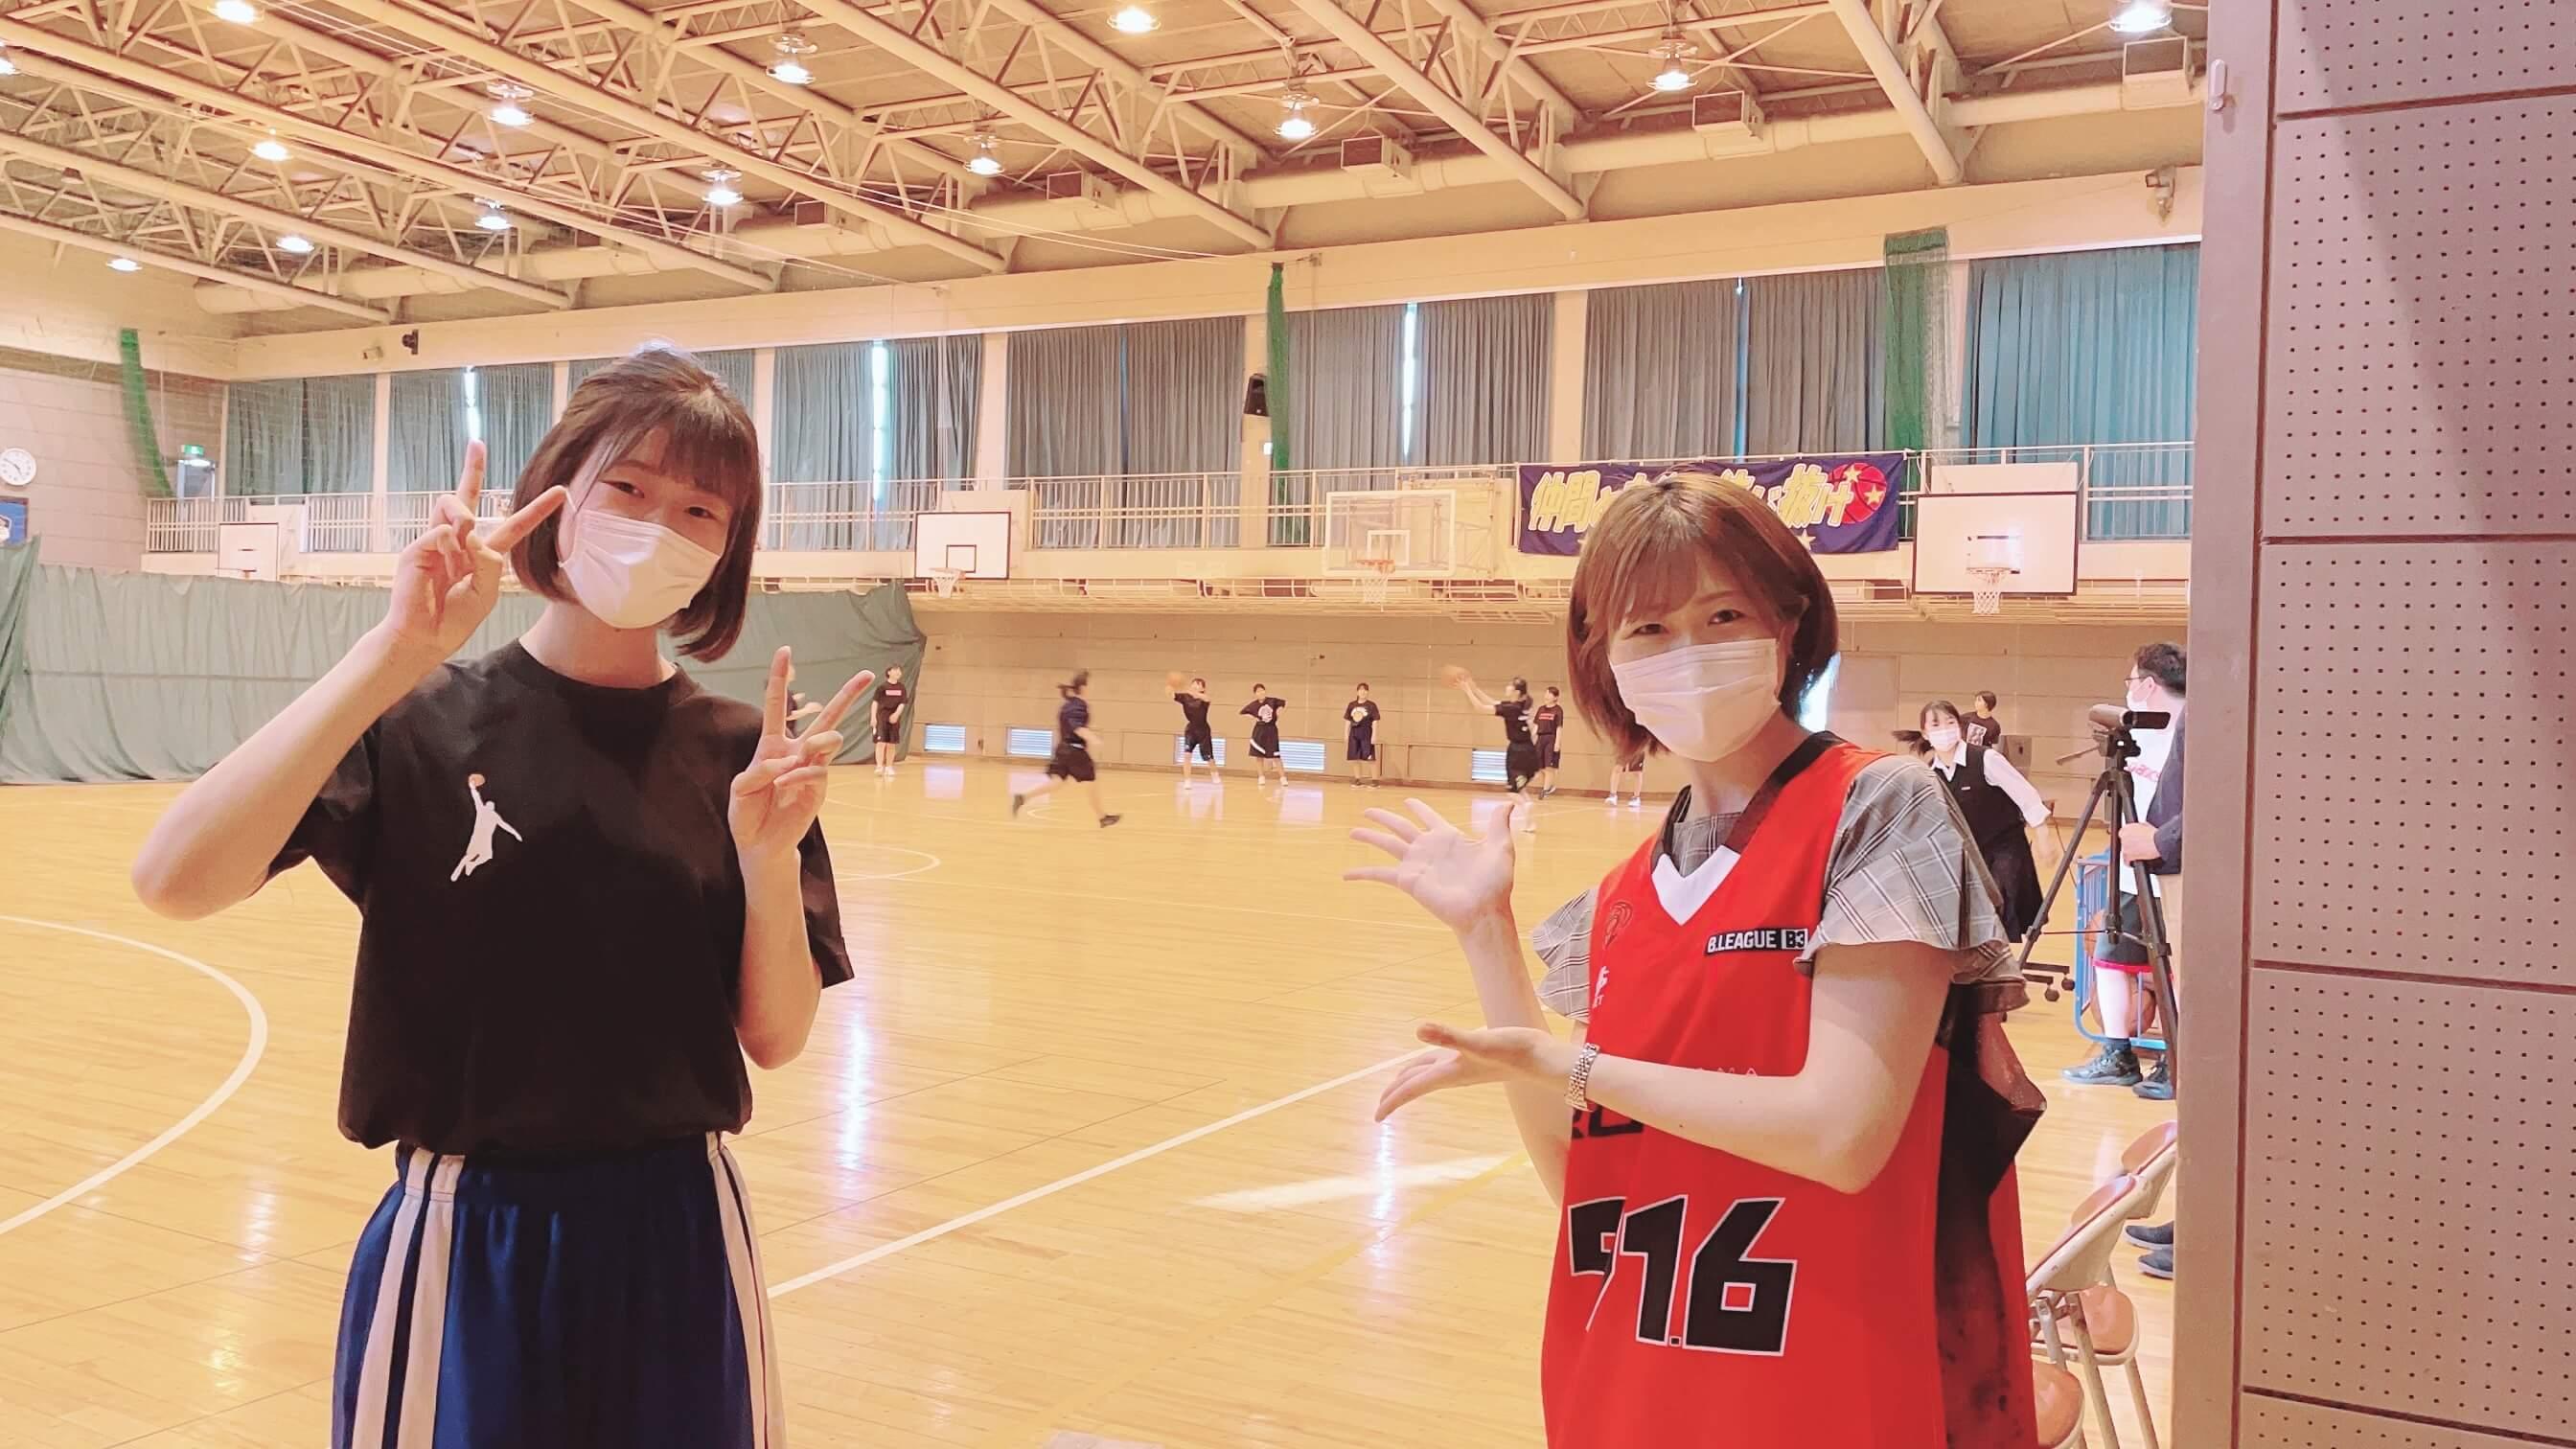 さいたま市立大宮北高等学校女子 バスケットボール部を取材! 「New Stars」#3(6月20日放送分)